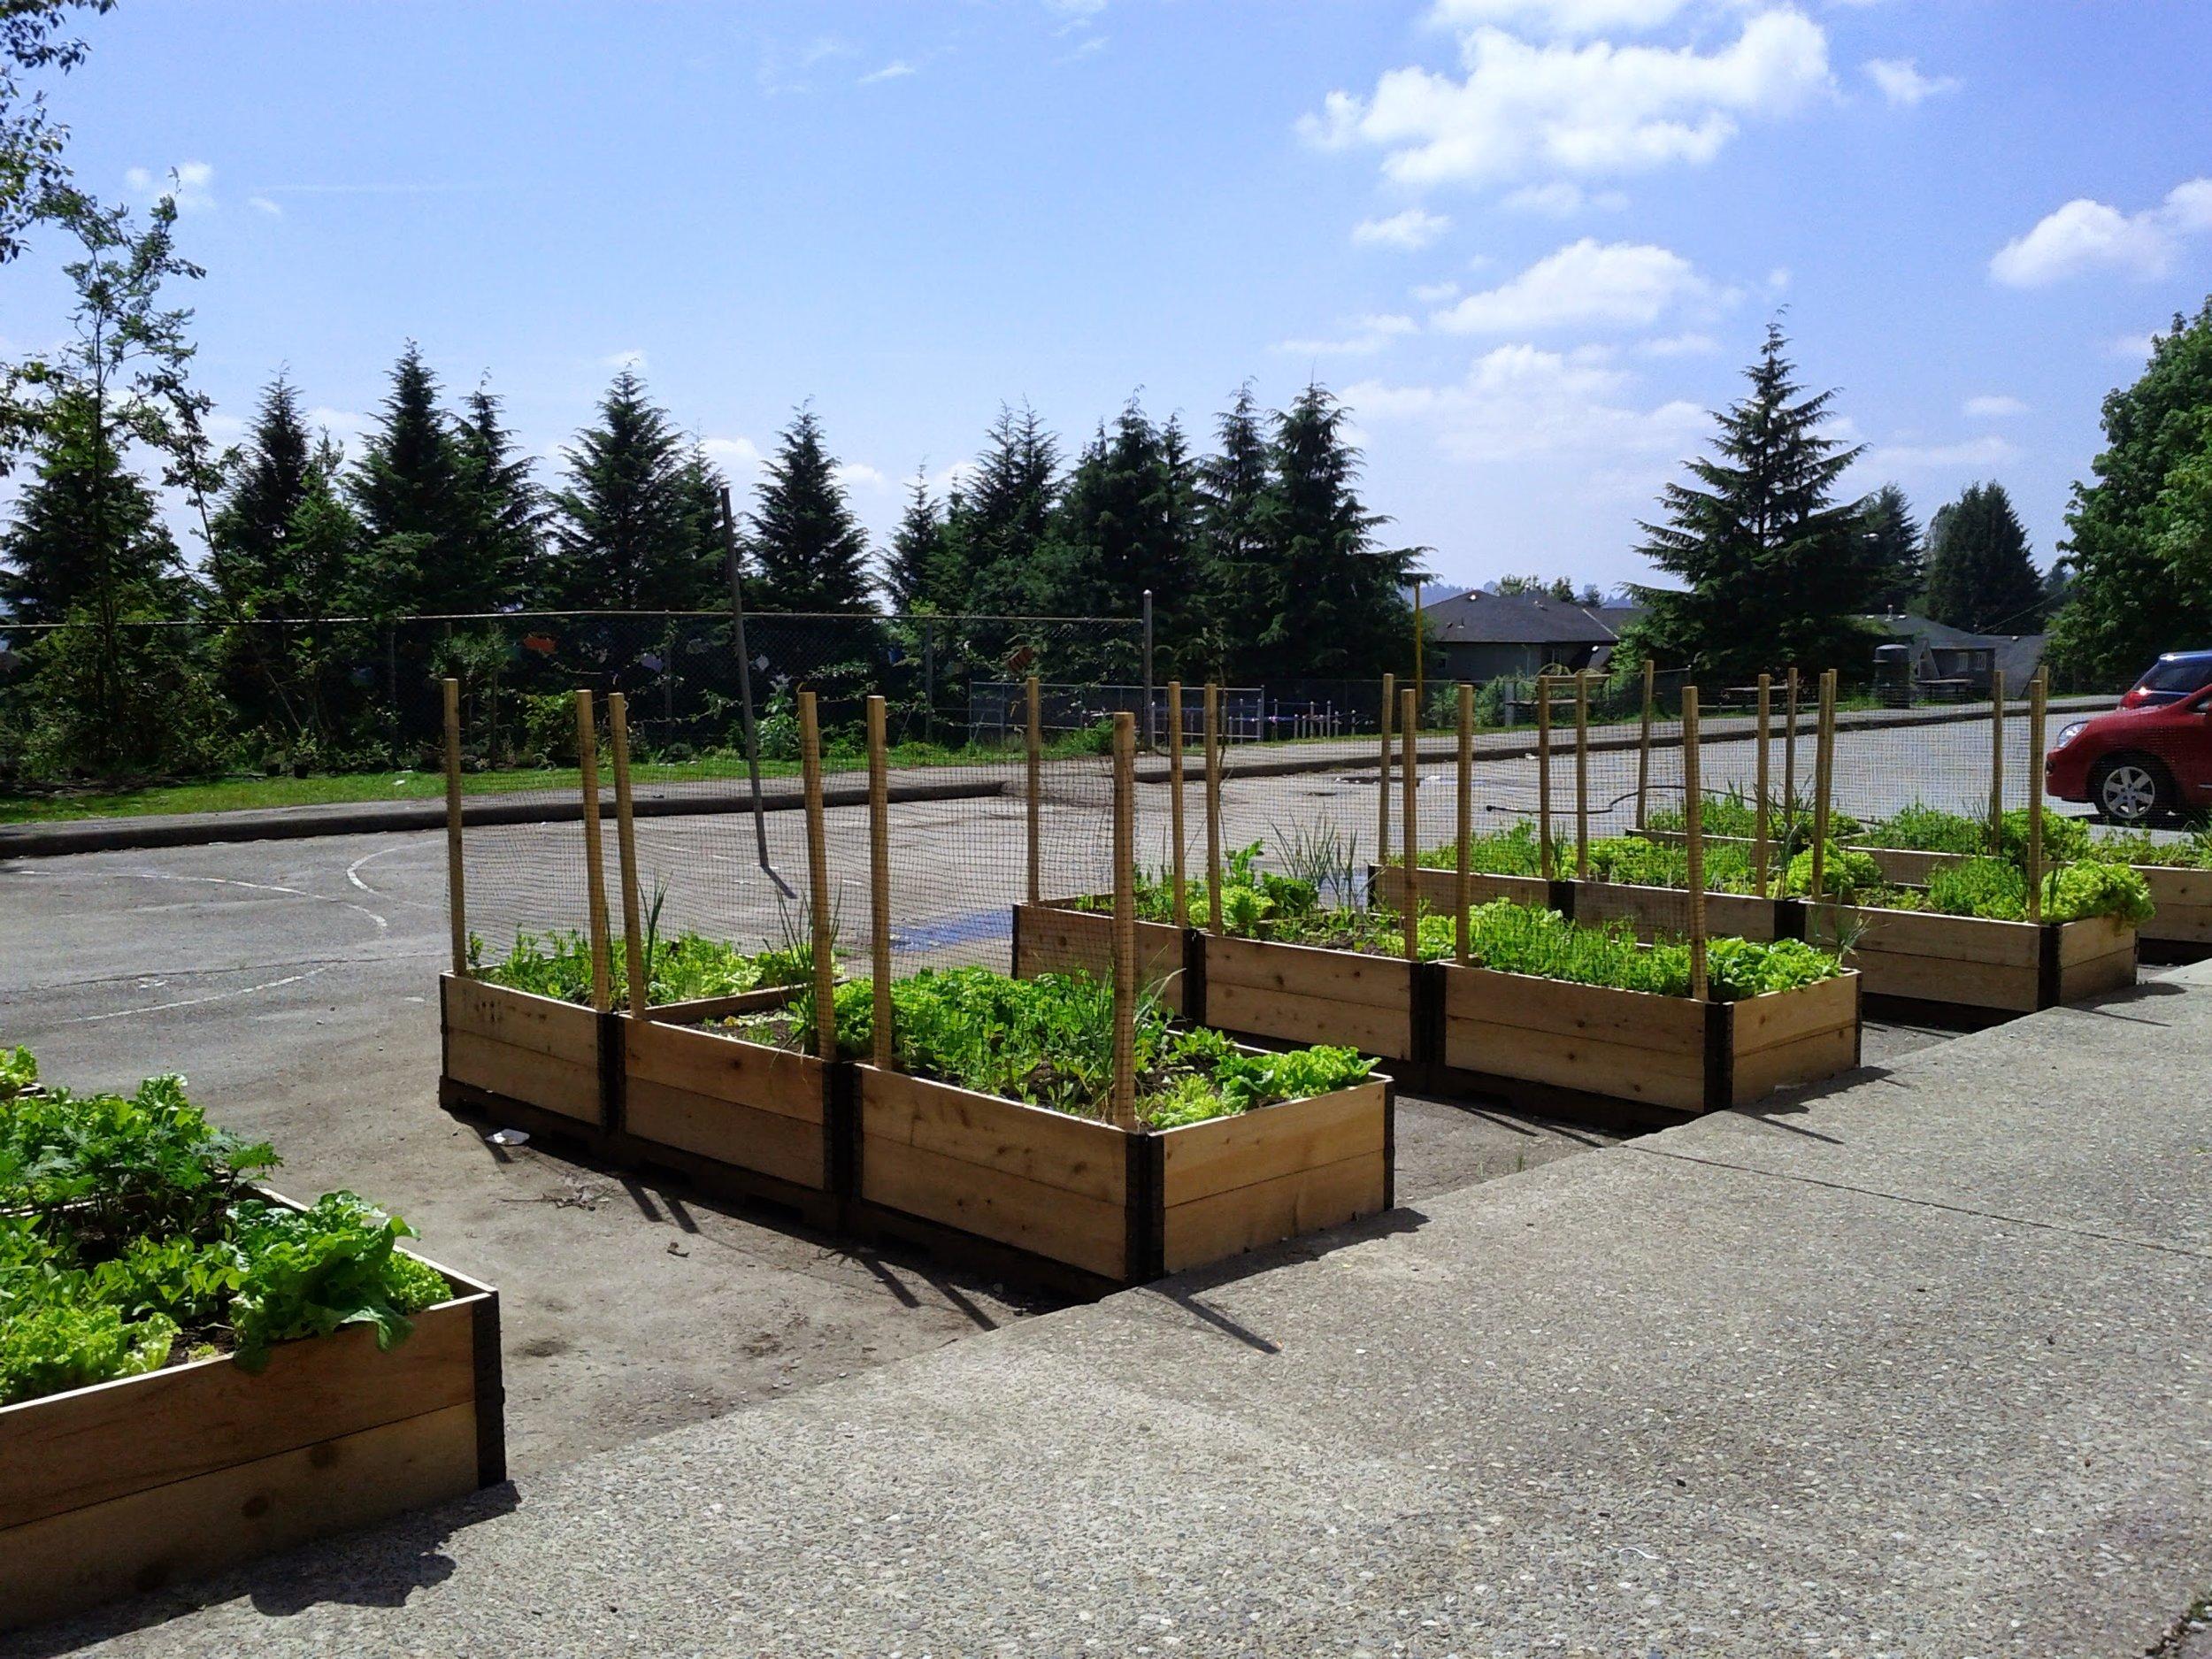 Community_Garden_Builders-Maillard_School_Garden